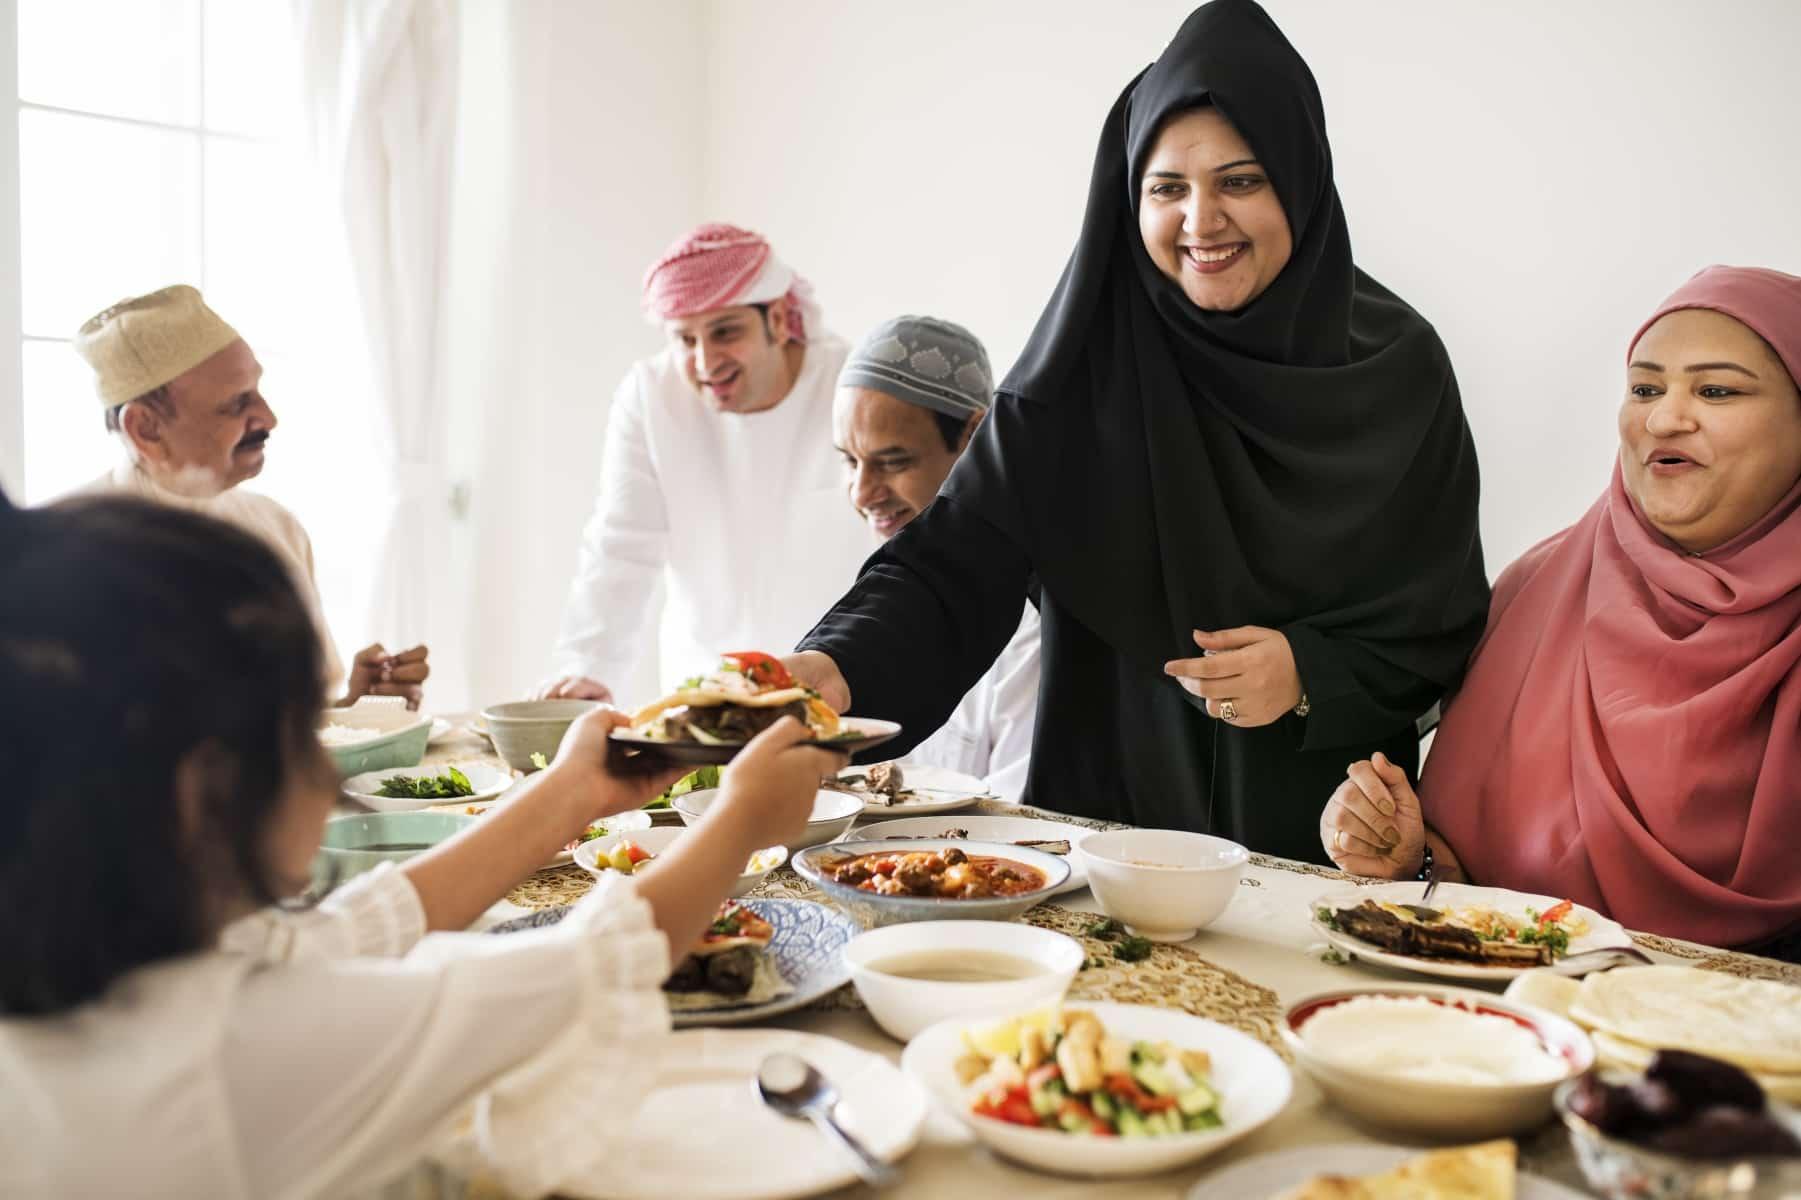 Utjecaj sredine i naslijeđenih običaja na muslimansku porodicu u Evropi